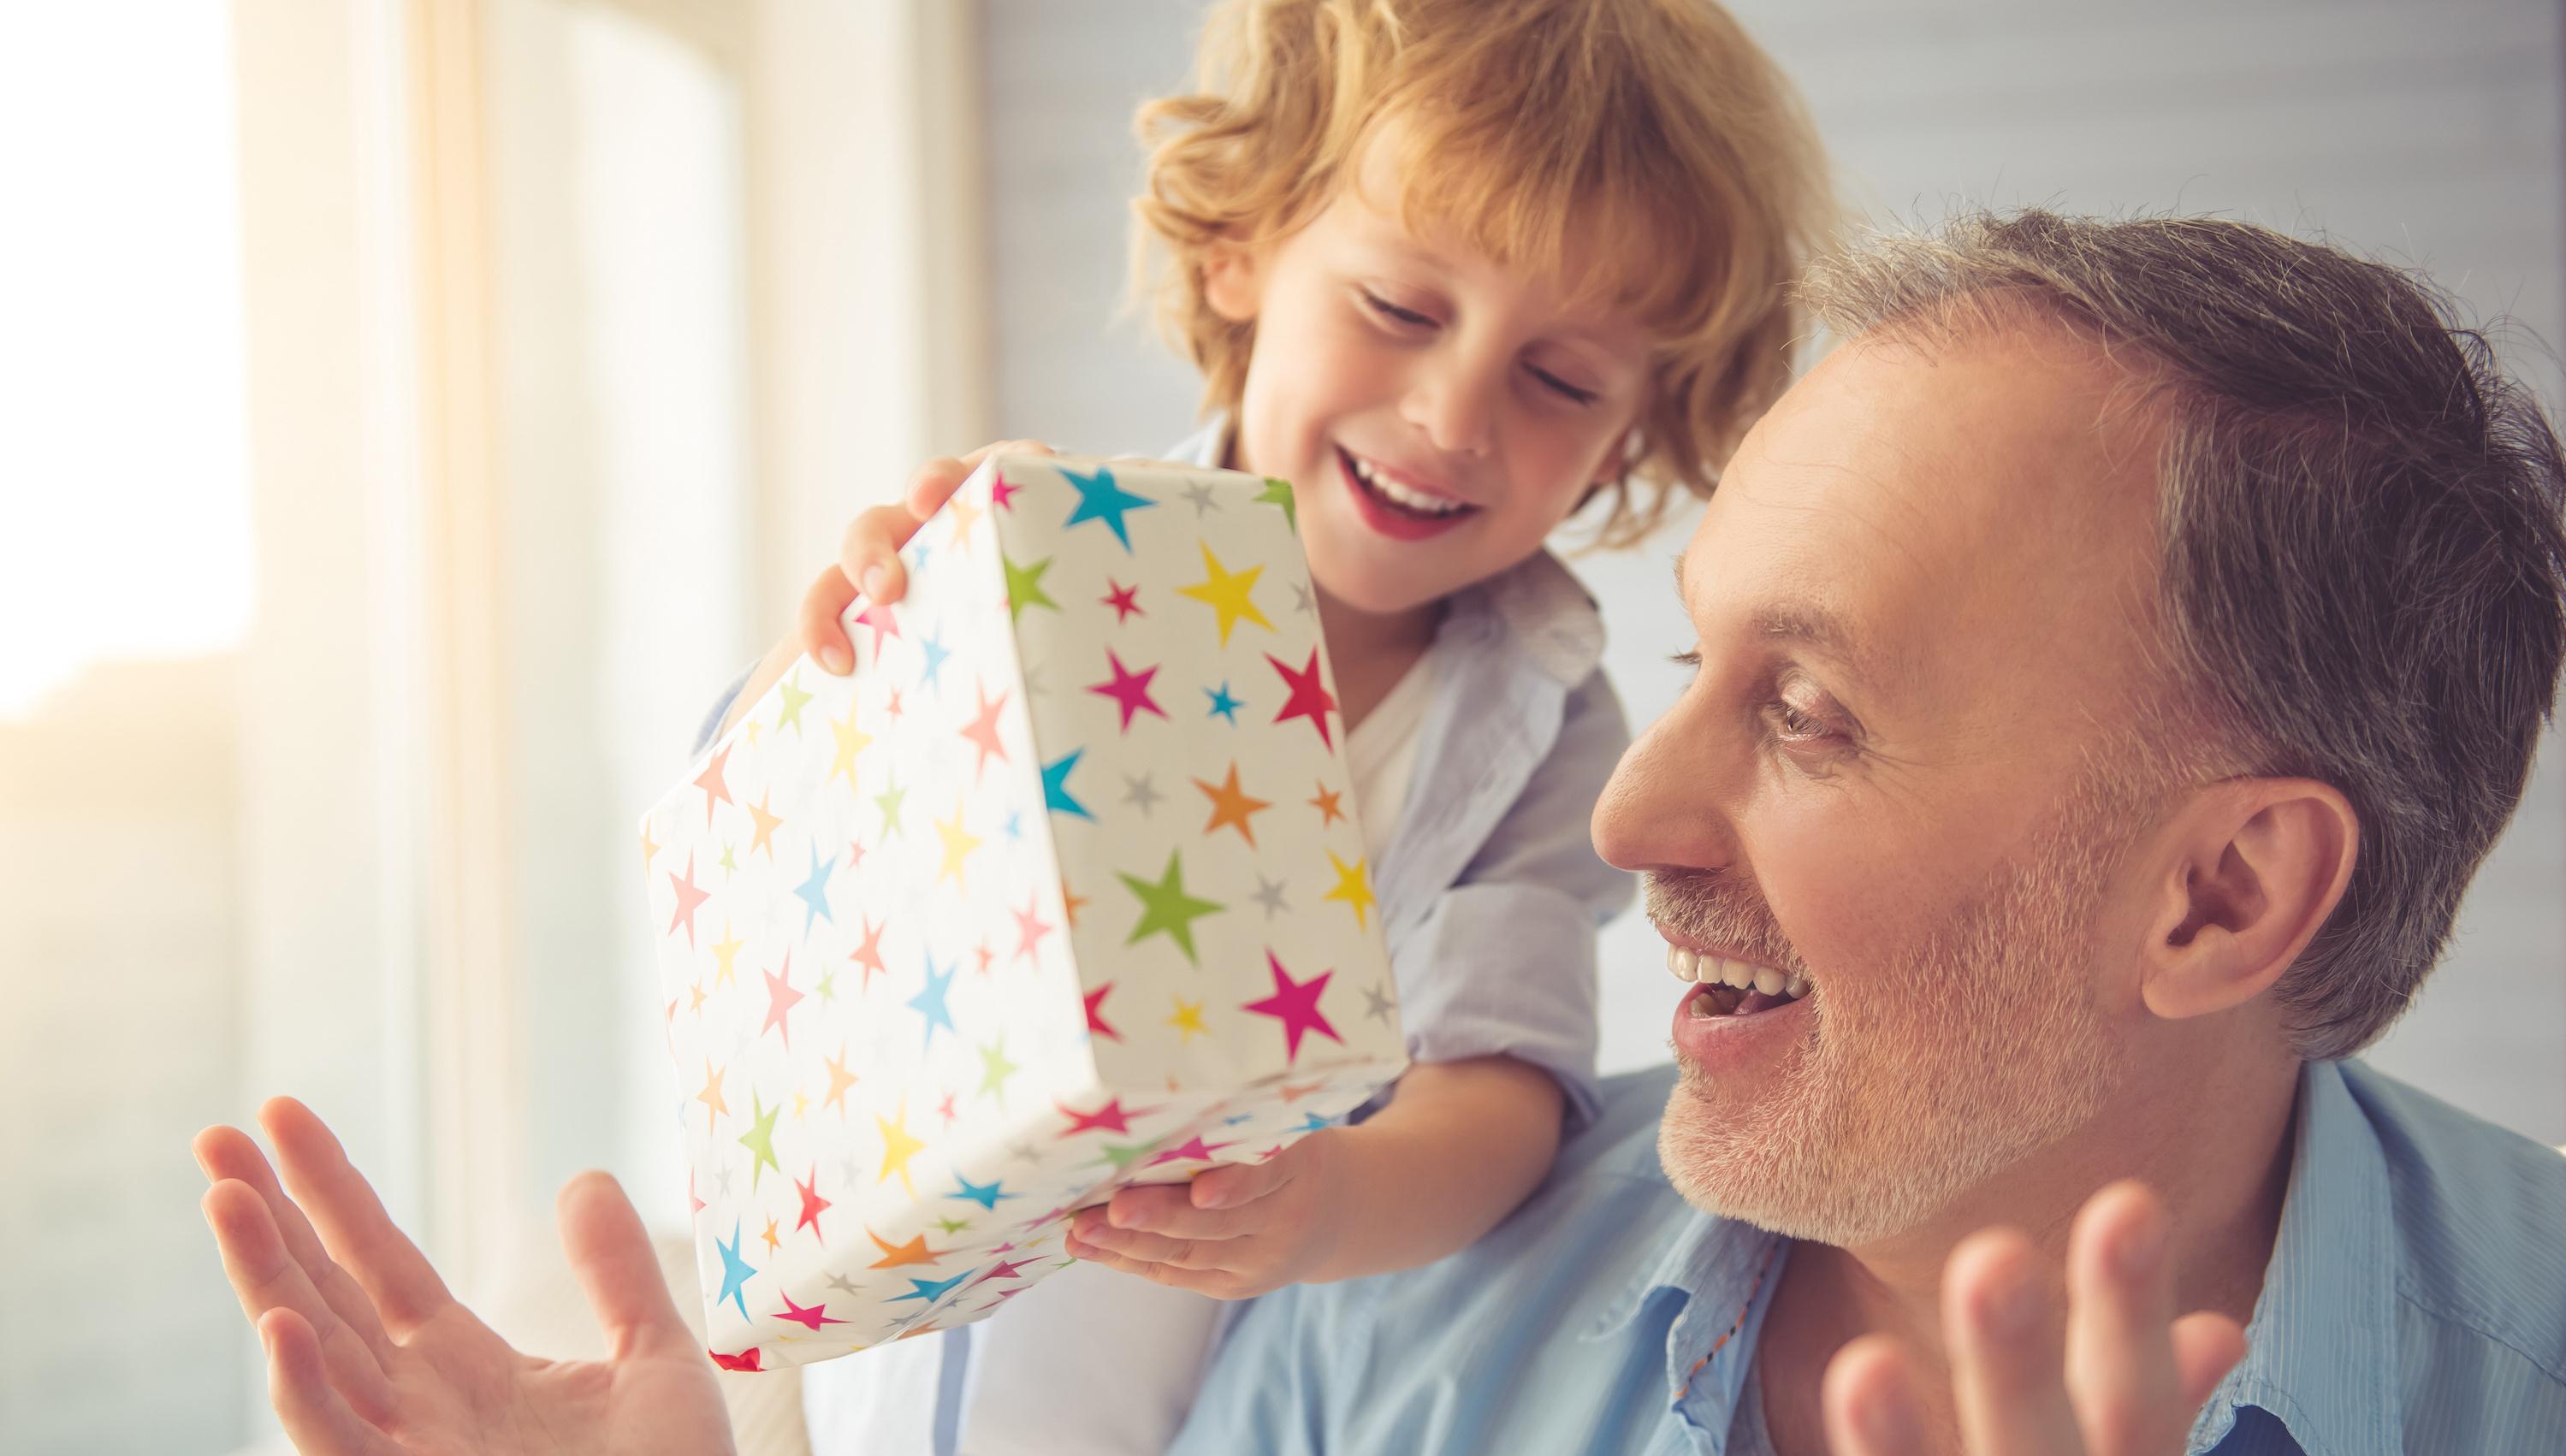 Maak je eigen verjaardagskrant - Happiedays